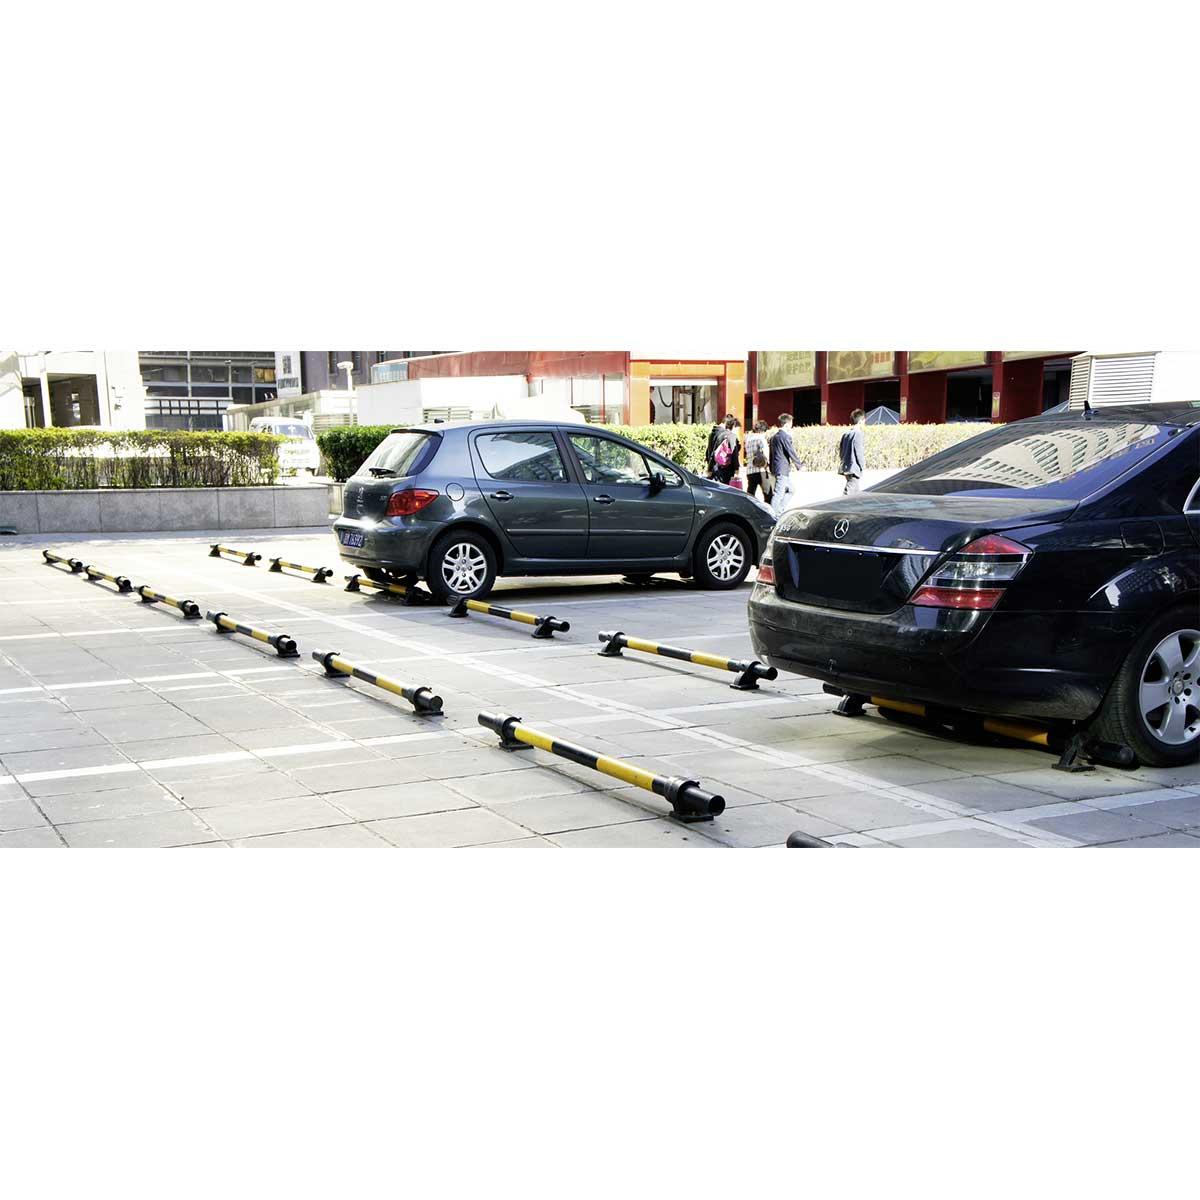 Protección metálica de suelo para aparcamiento